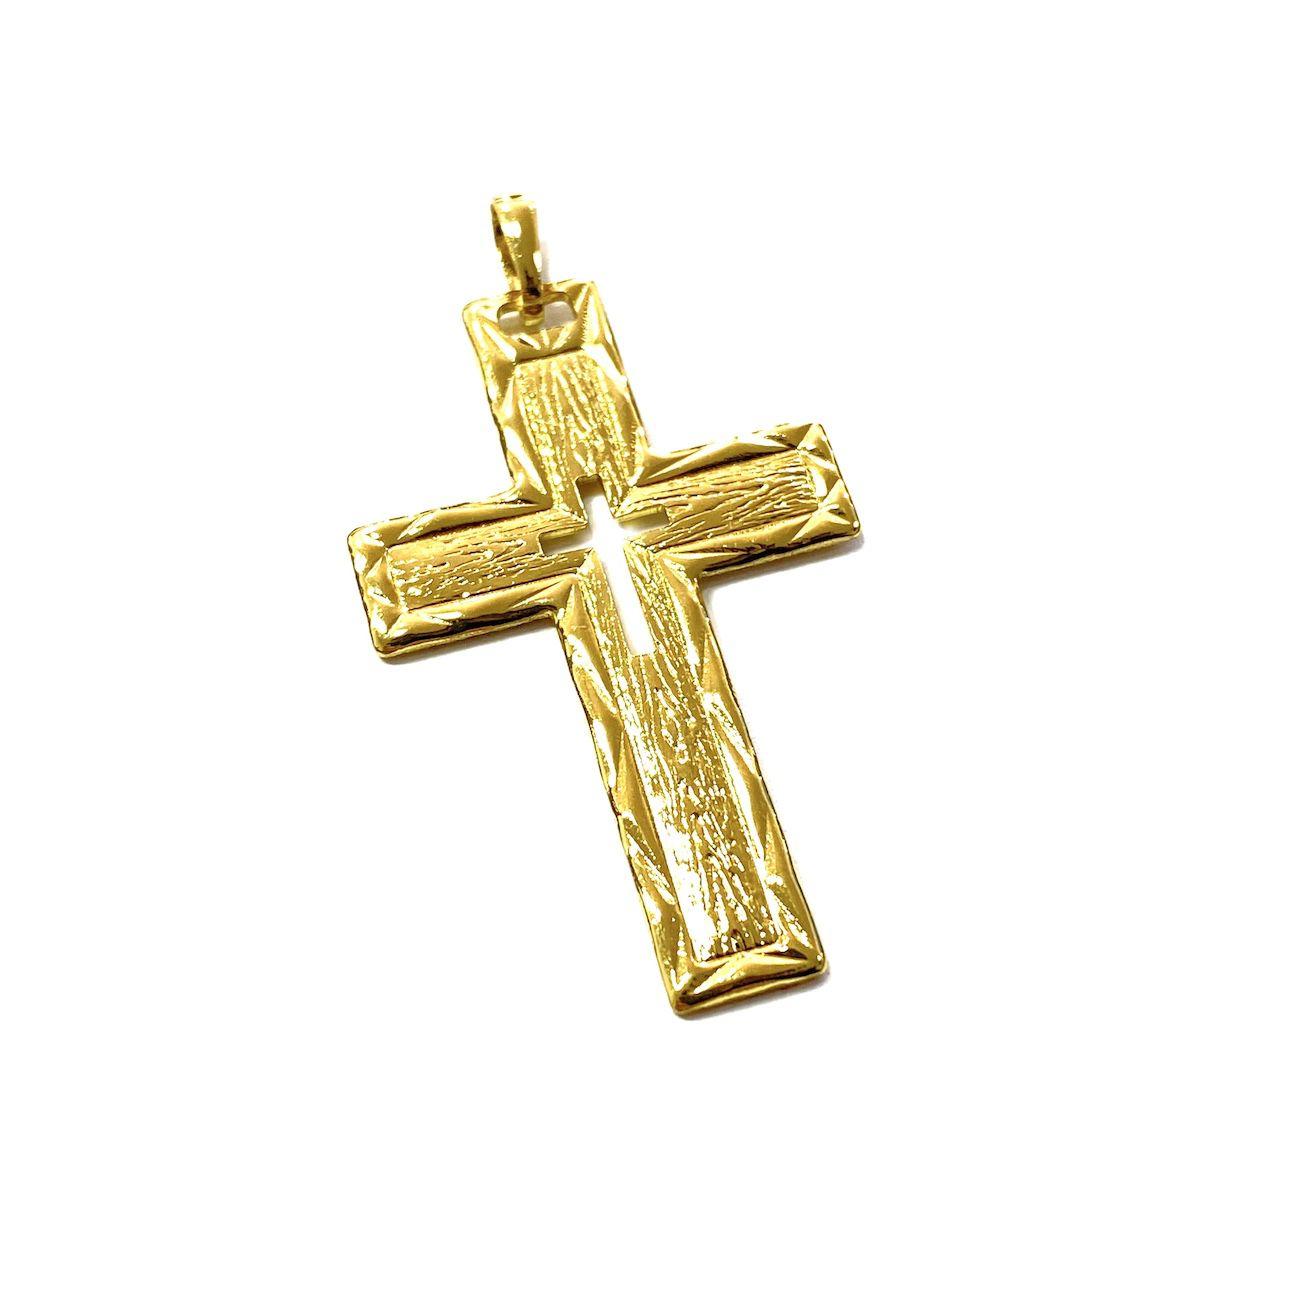 Pingente Crucifixo Vazado com Relevo 4,5cm X 2,8cm